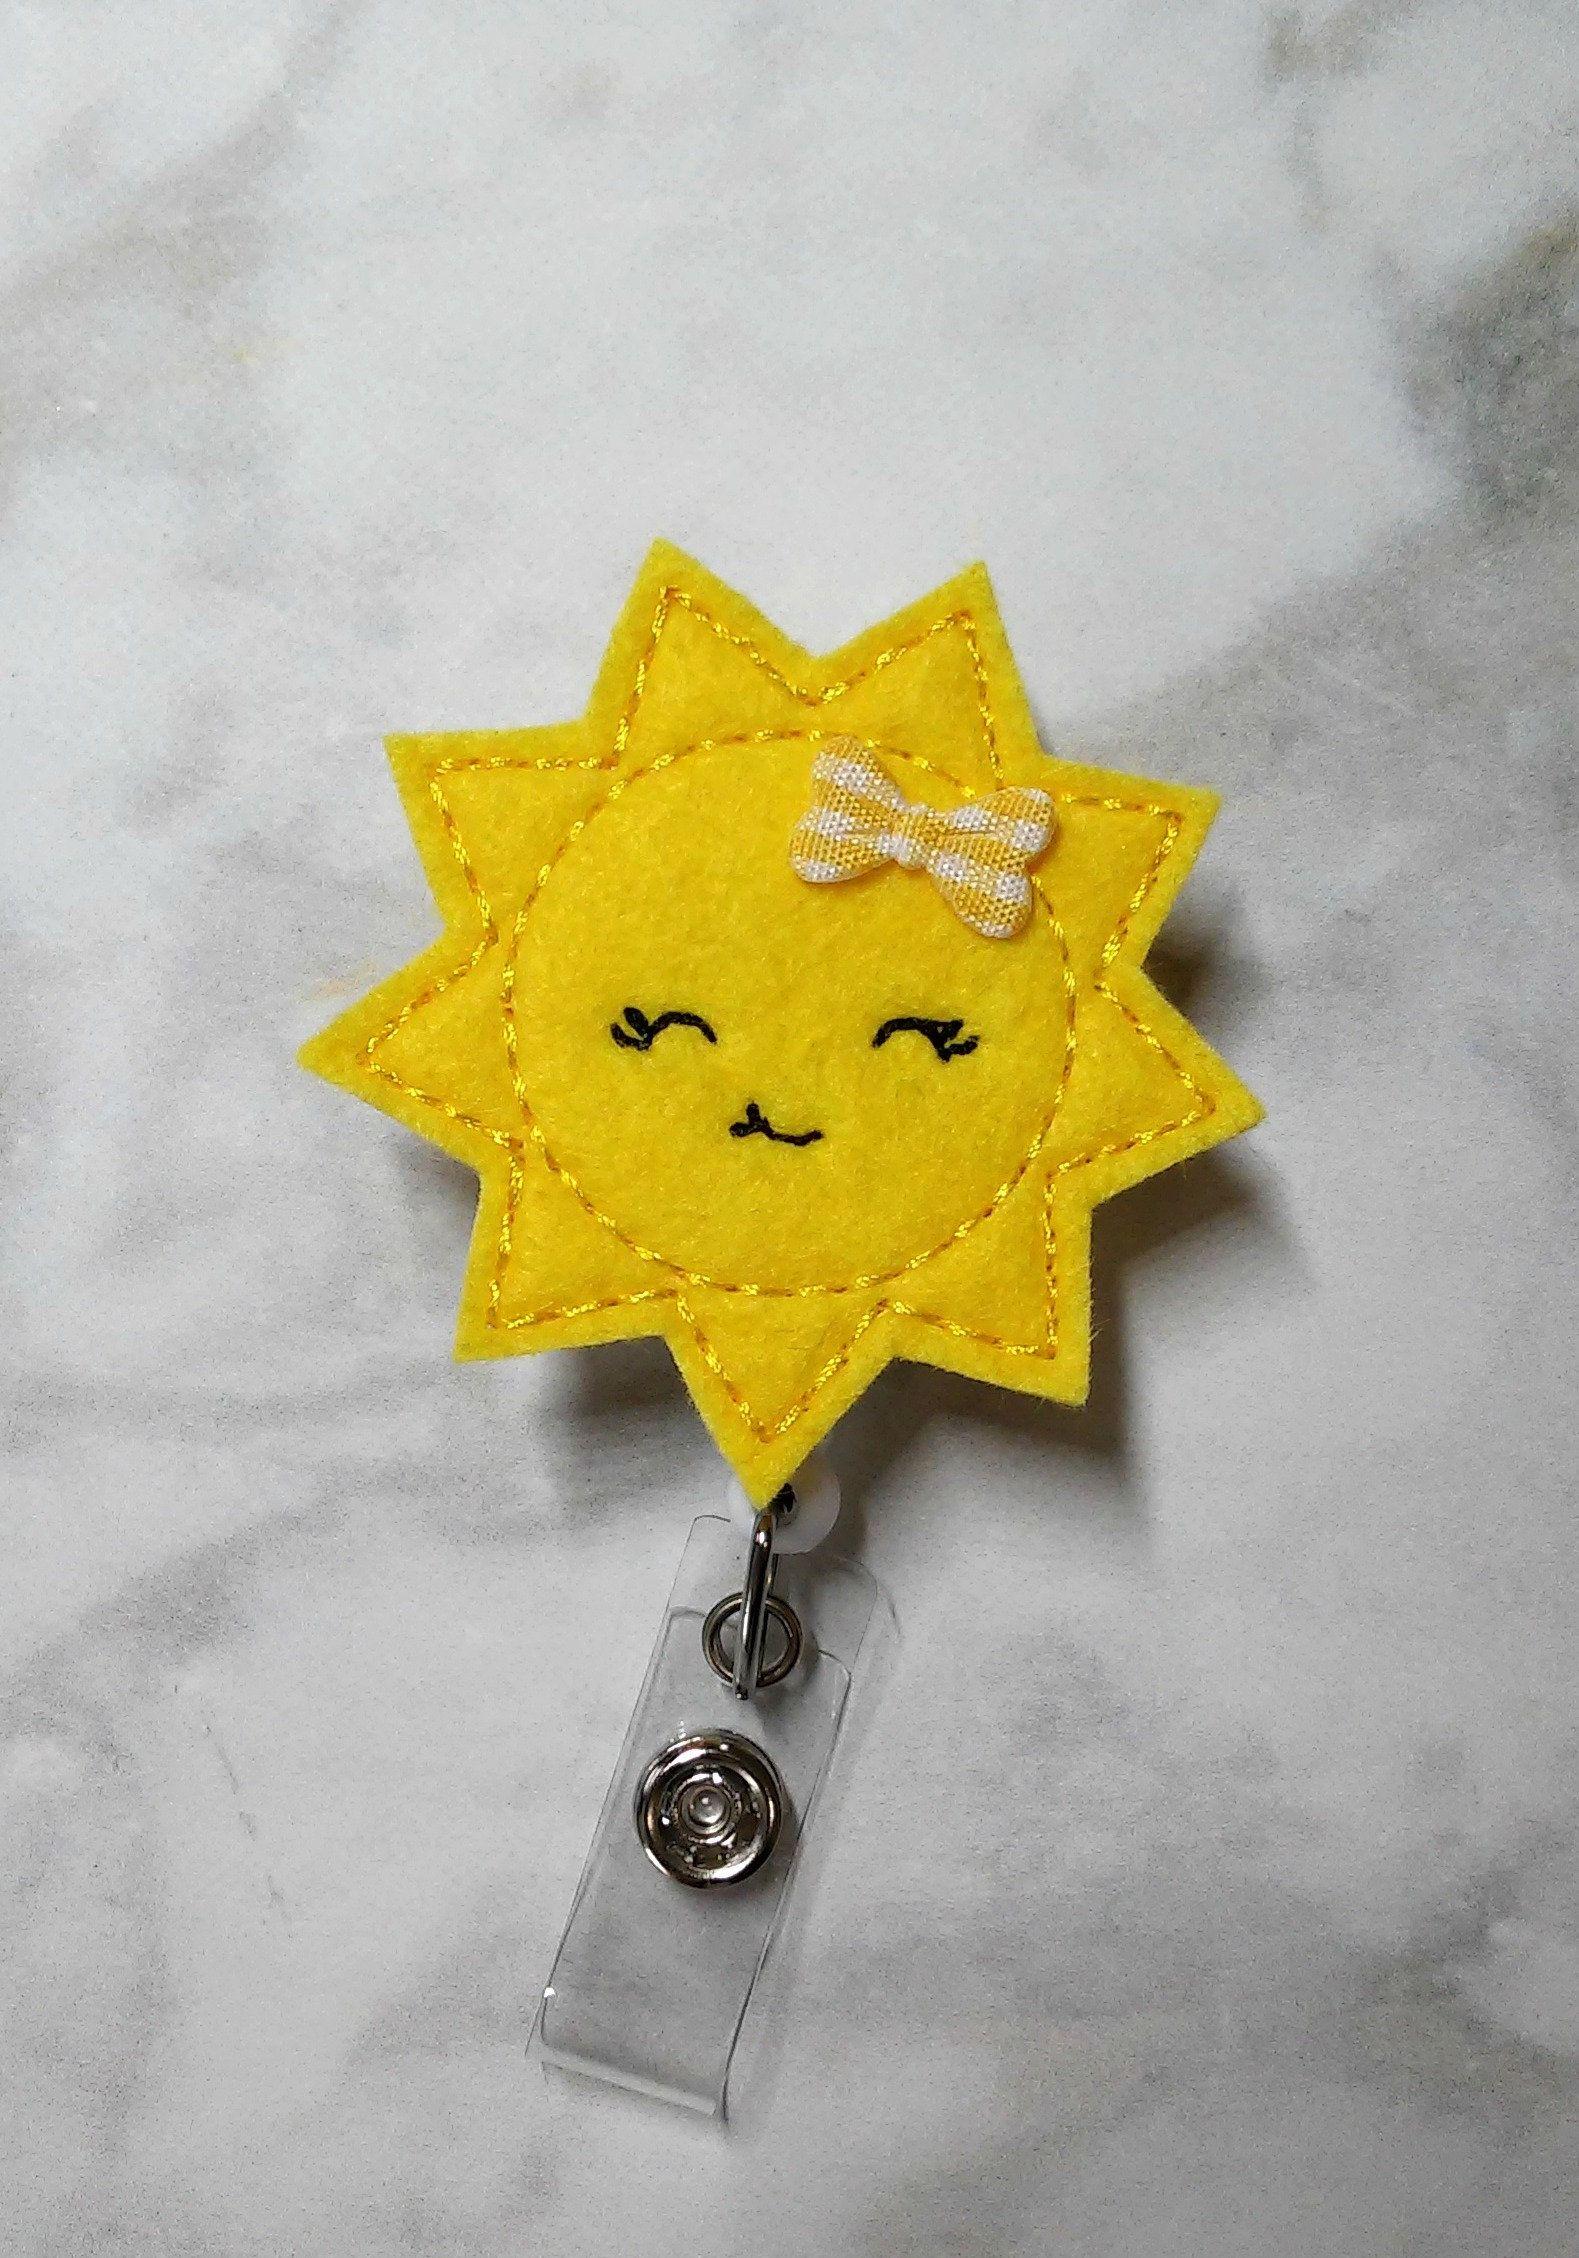 Sun Badge Reel/Nursing Badge Reel/RN Badge Reel/Retractable ID Badge